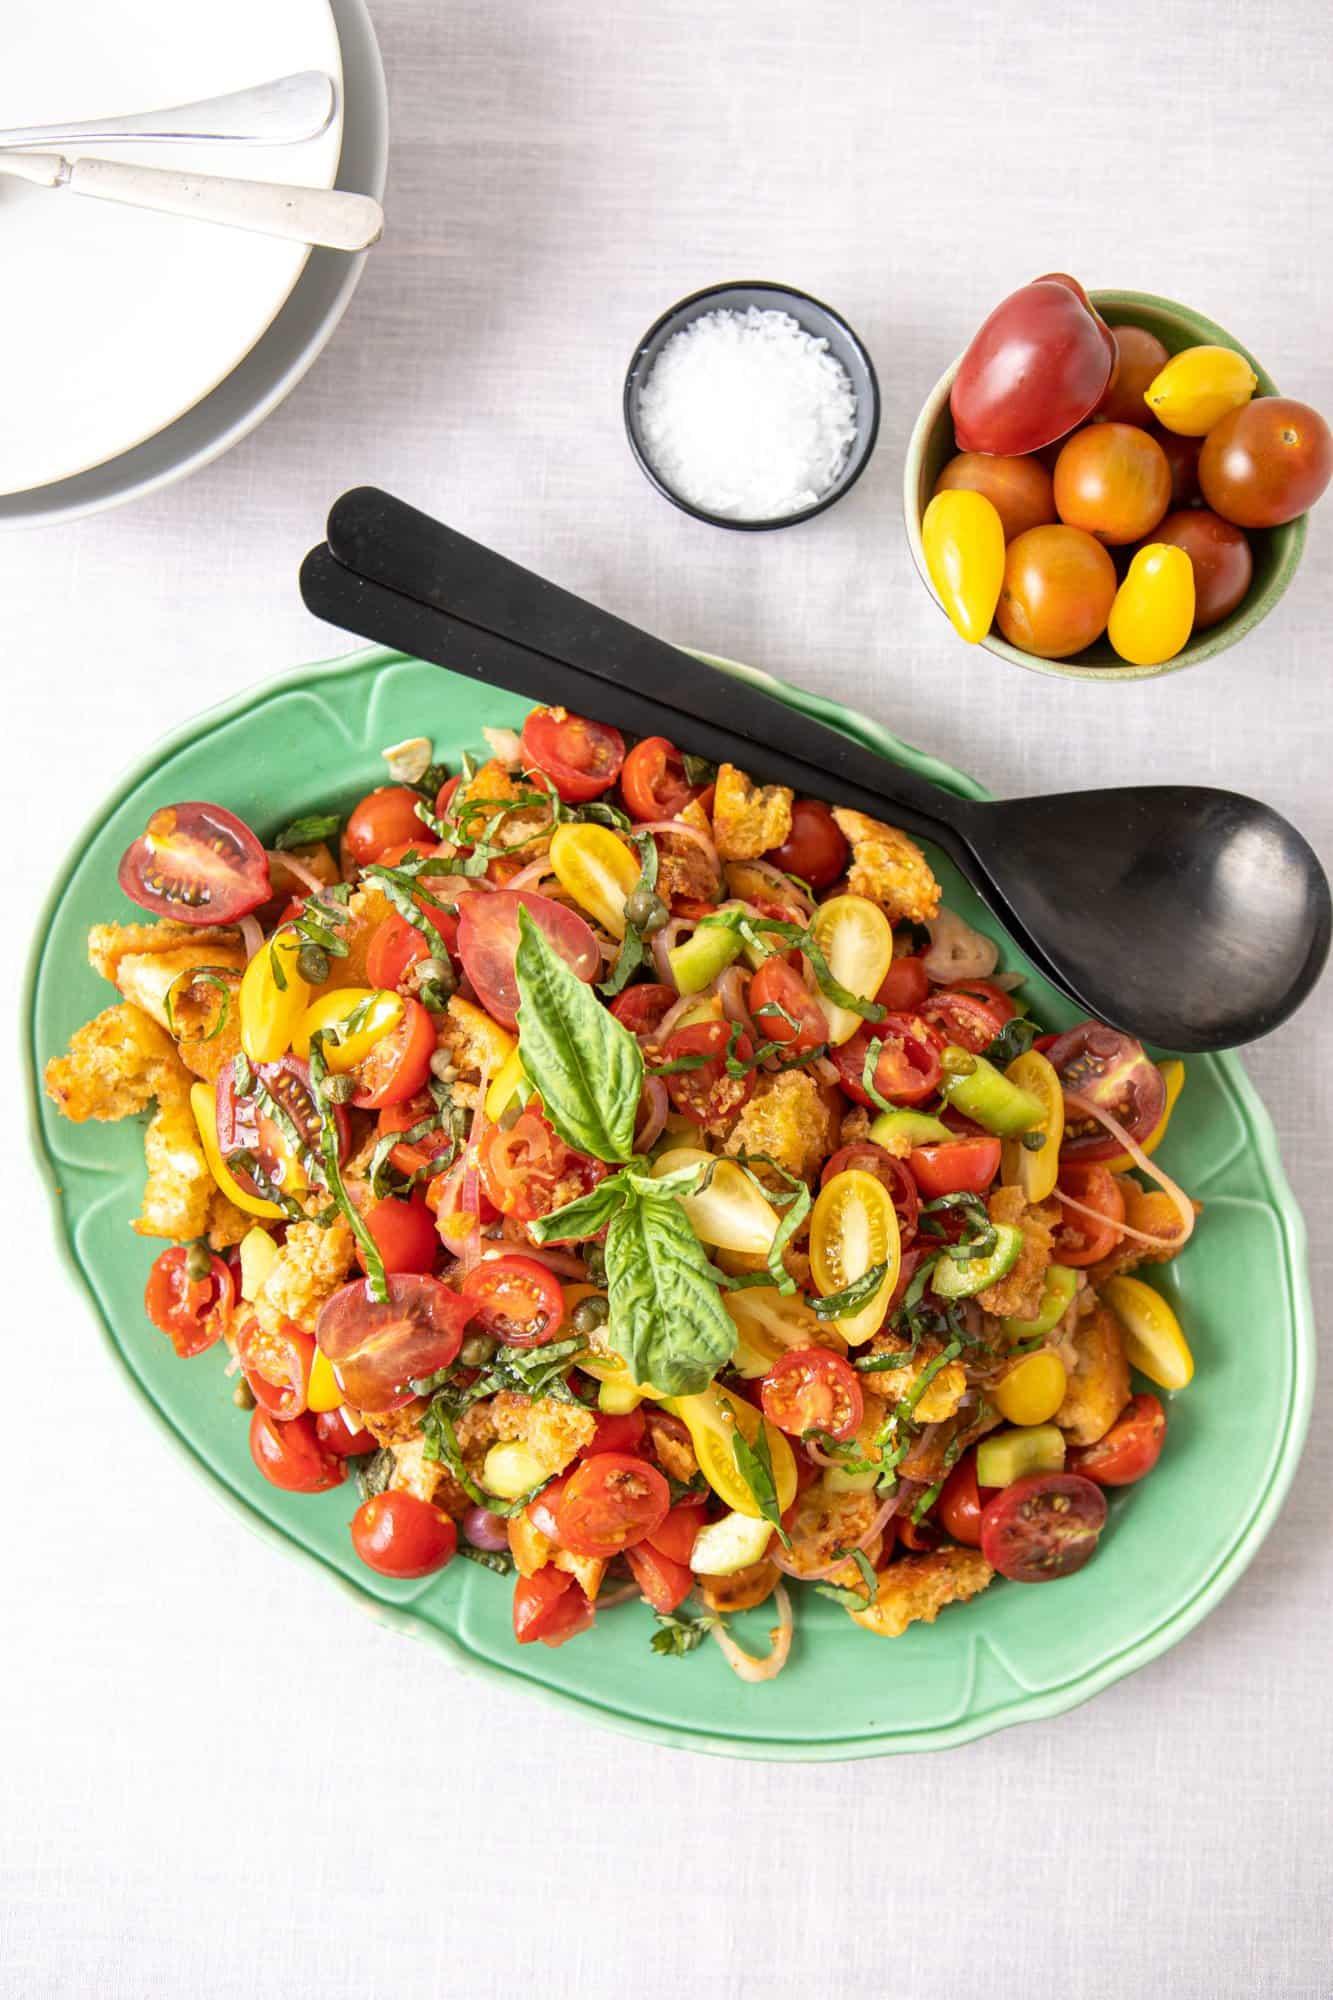 Panzanella Salad by Stacey Brugeman.